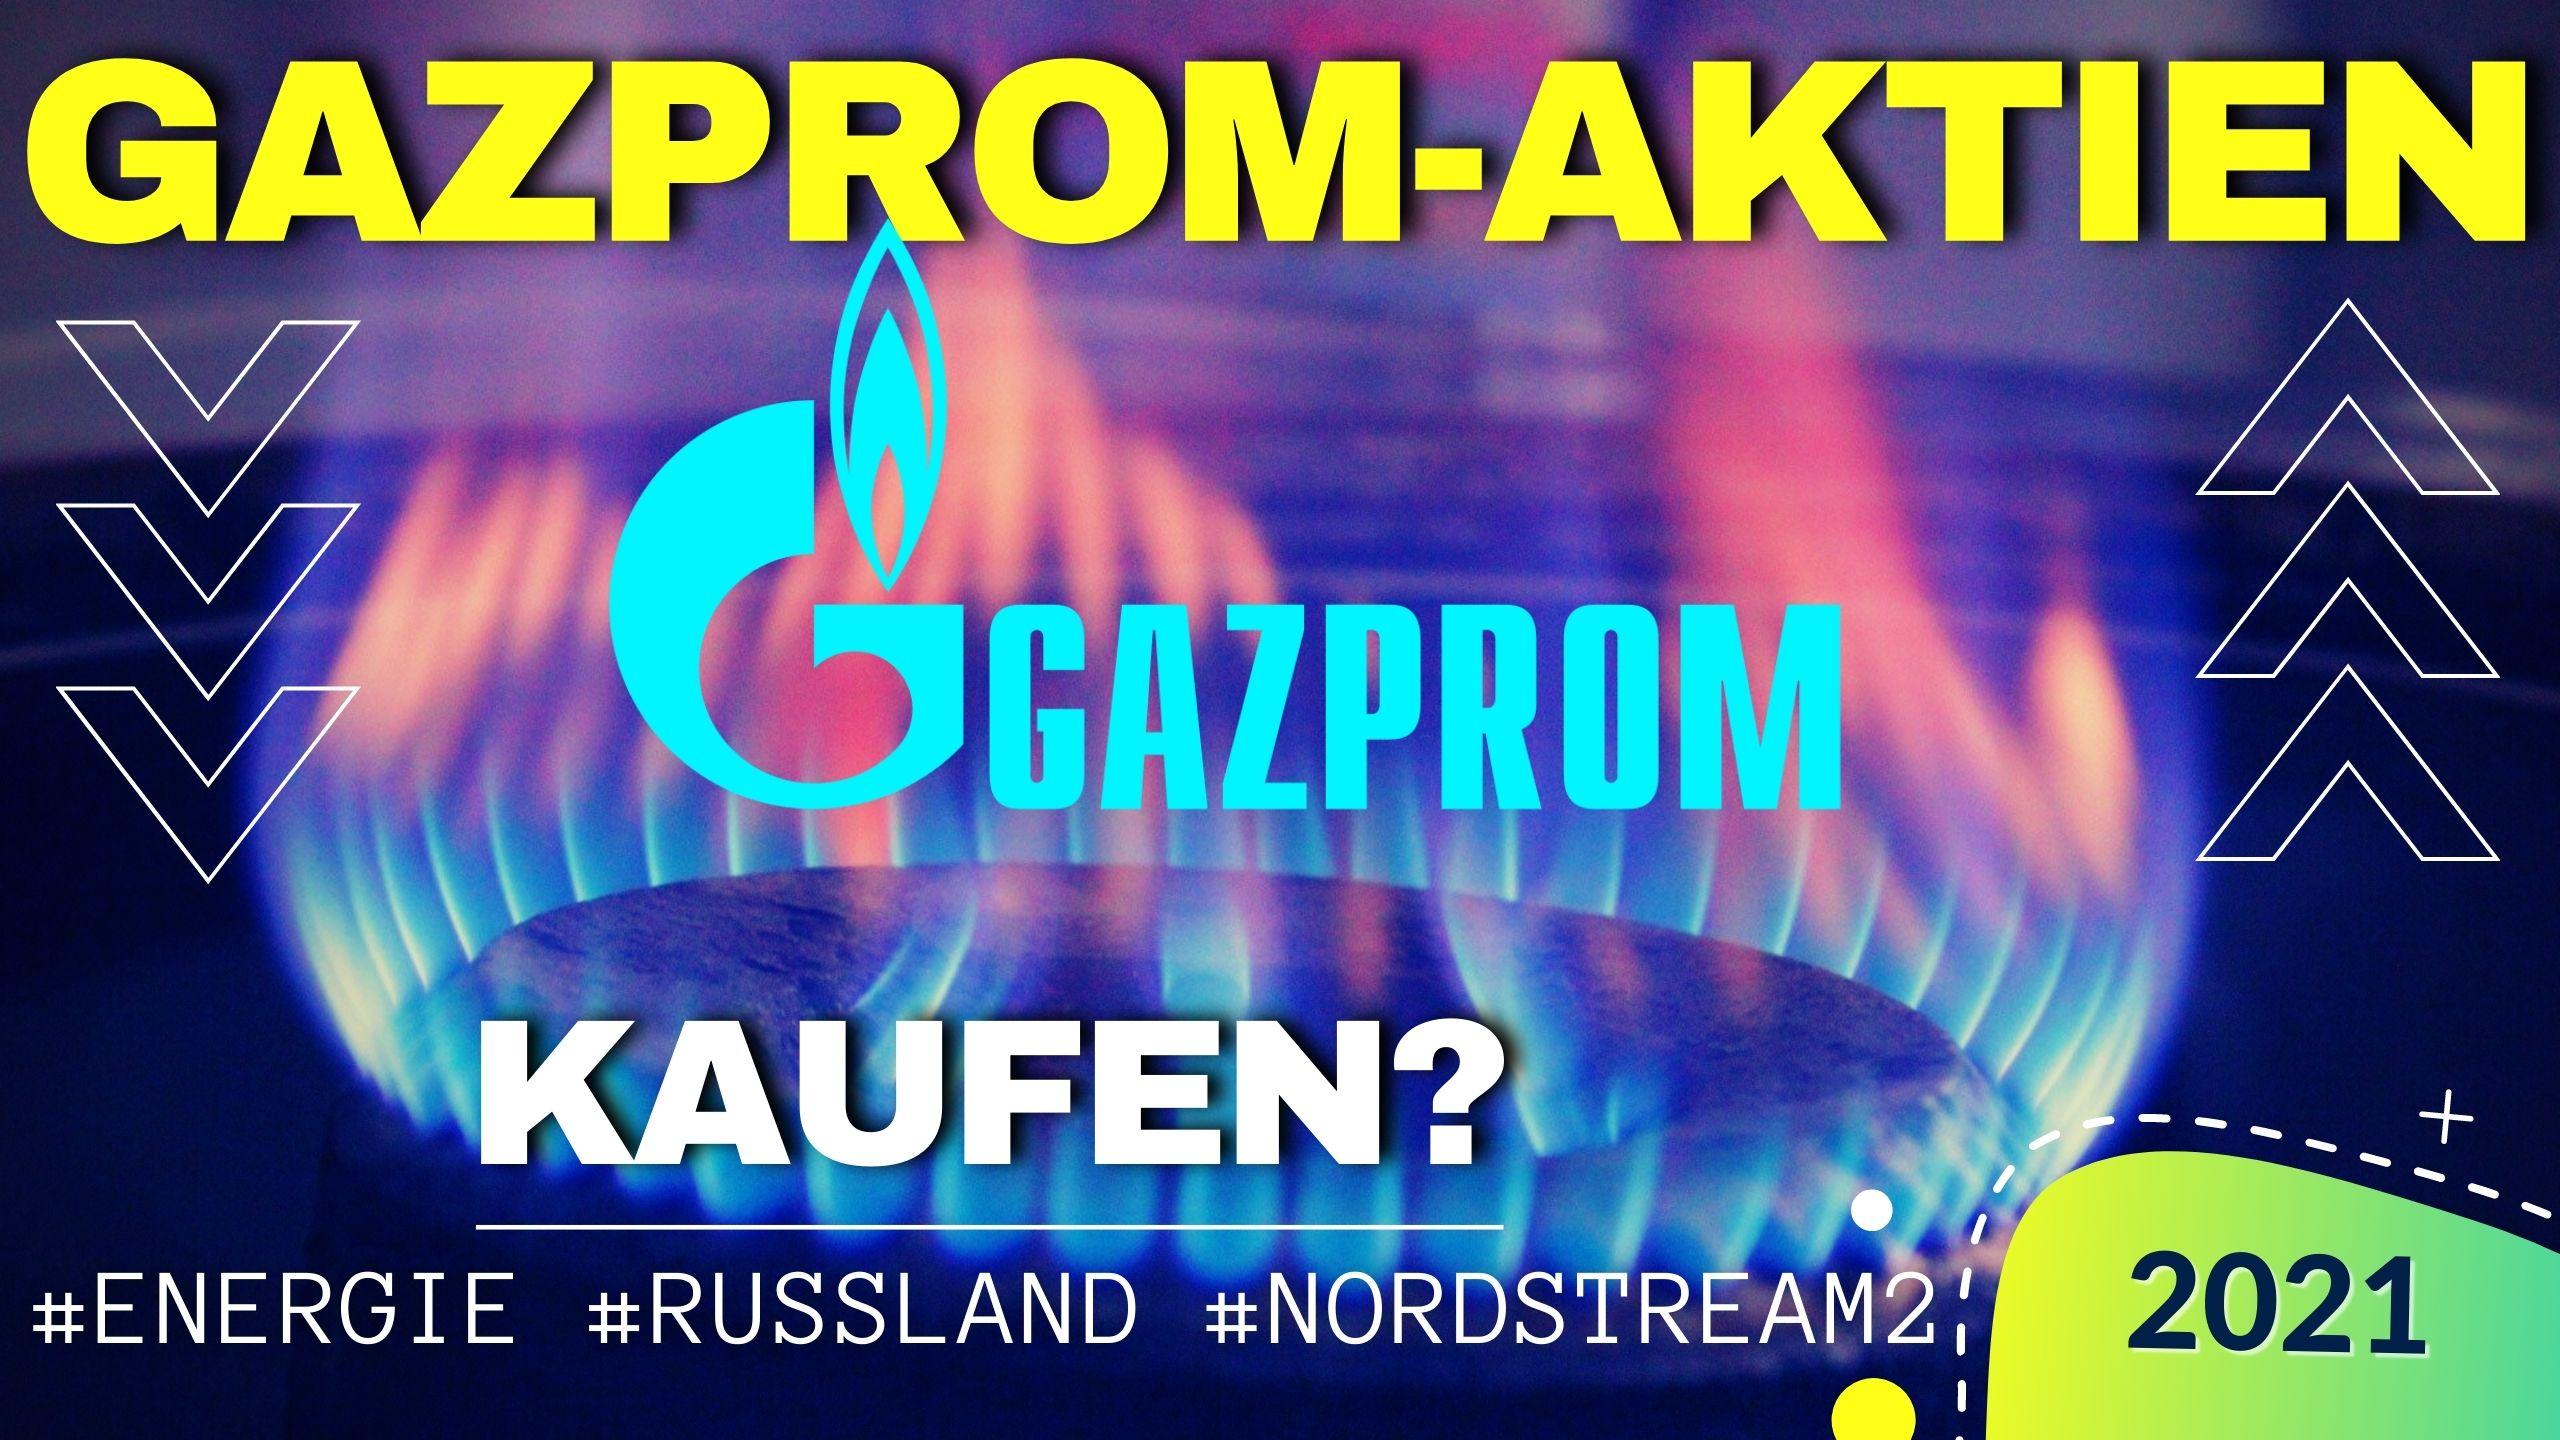 Gazprom Aktie kaufen 2021